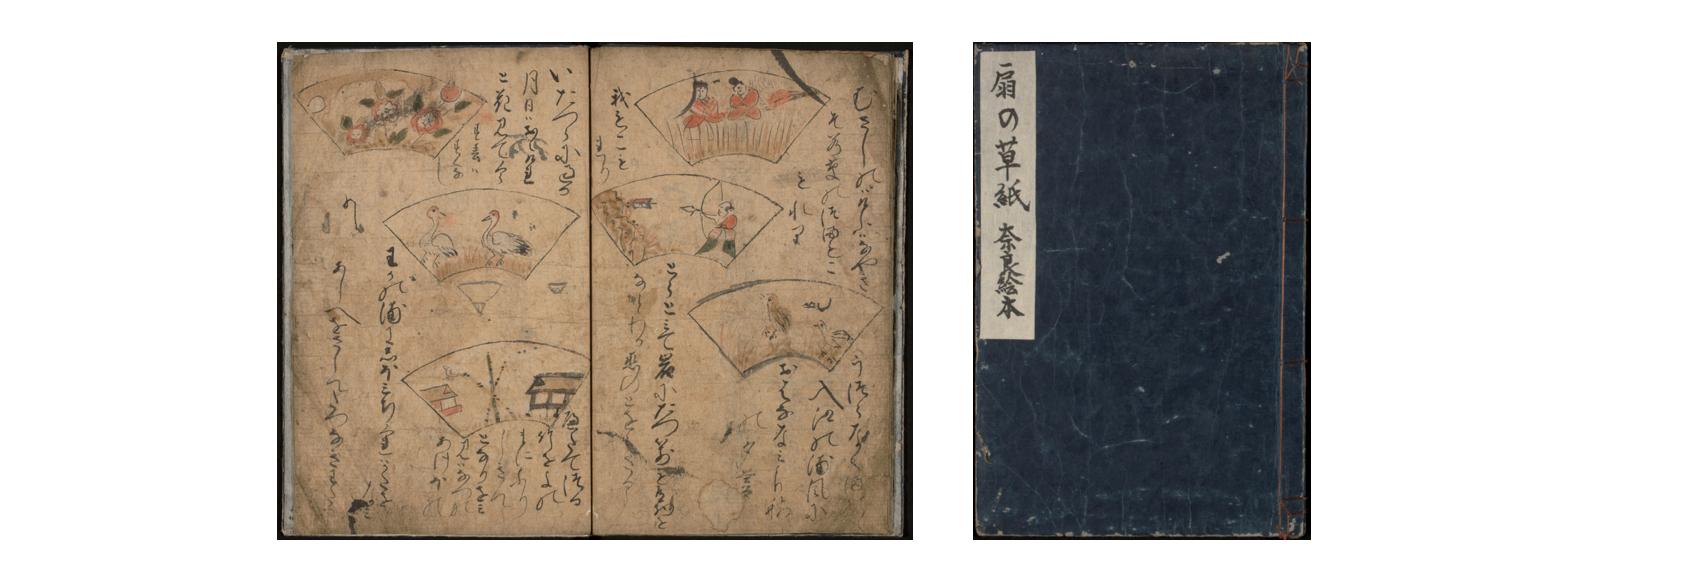 Ōgi no sōshi